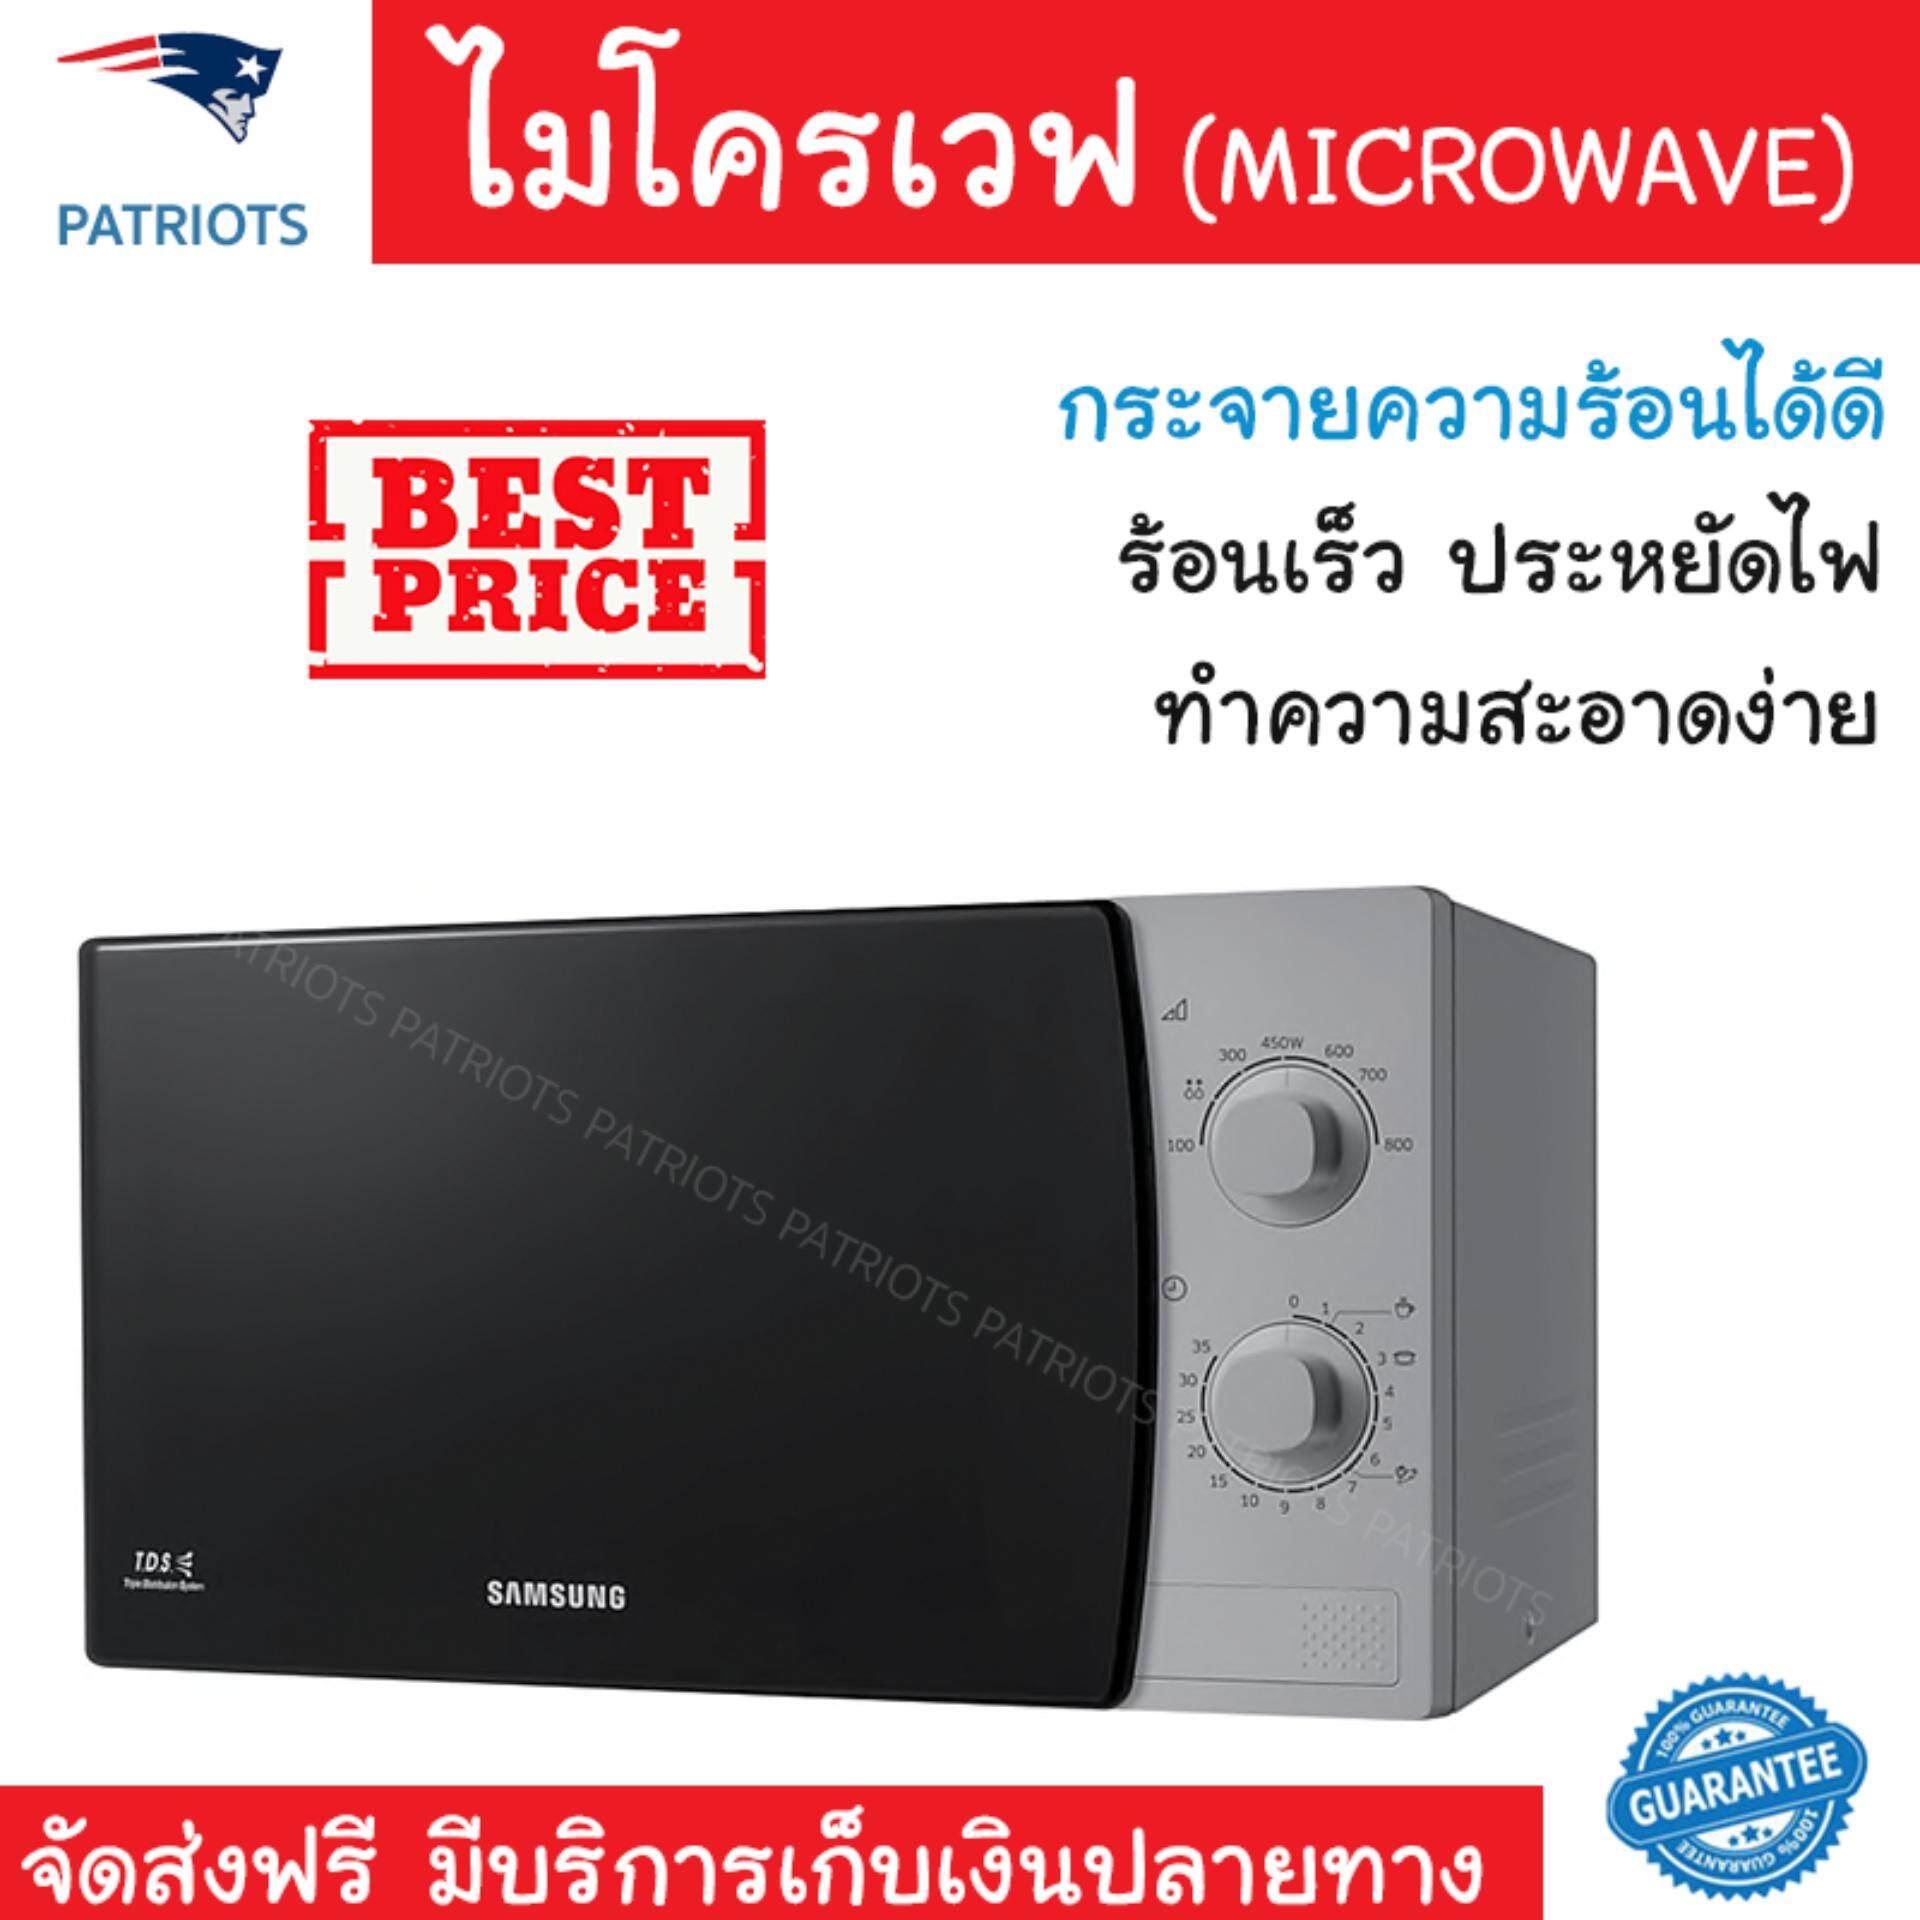 รุ่นใหม่ล่าสุด ไมโครเวฟ เตาอบไมโครเวฟ ไมโครเวฟแมนนวล SAMSUNG ME81KS-1/ST 23ลิตร | SAMSUNG | ME81KS-1/ST ปรับระดับความร้อนได้หลายระดับ  มีฟังก์ชันละลายน้ำแข็ง ใช้งานง่าย Microwave จัดส่งฟรีทั่วประเทศ